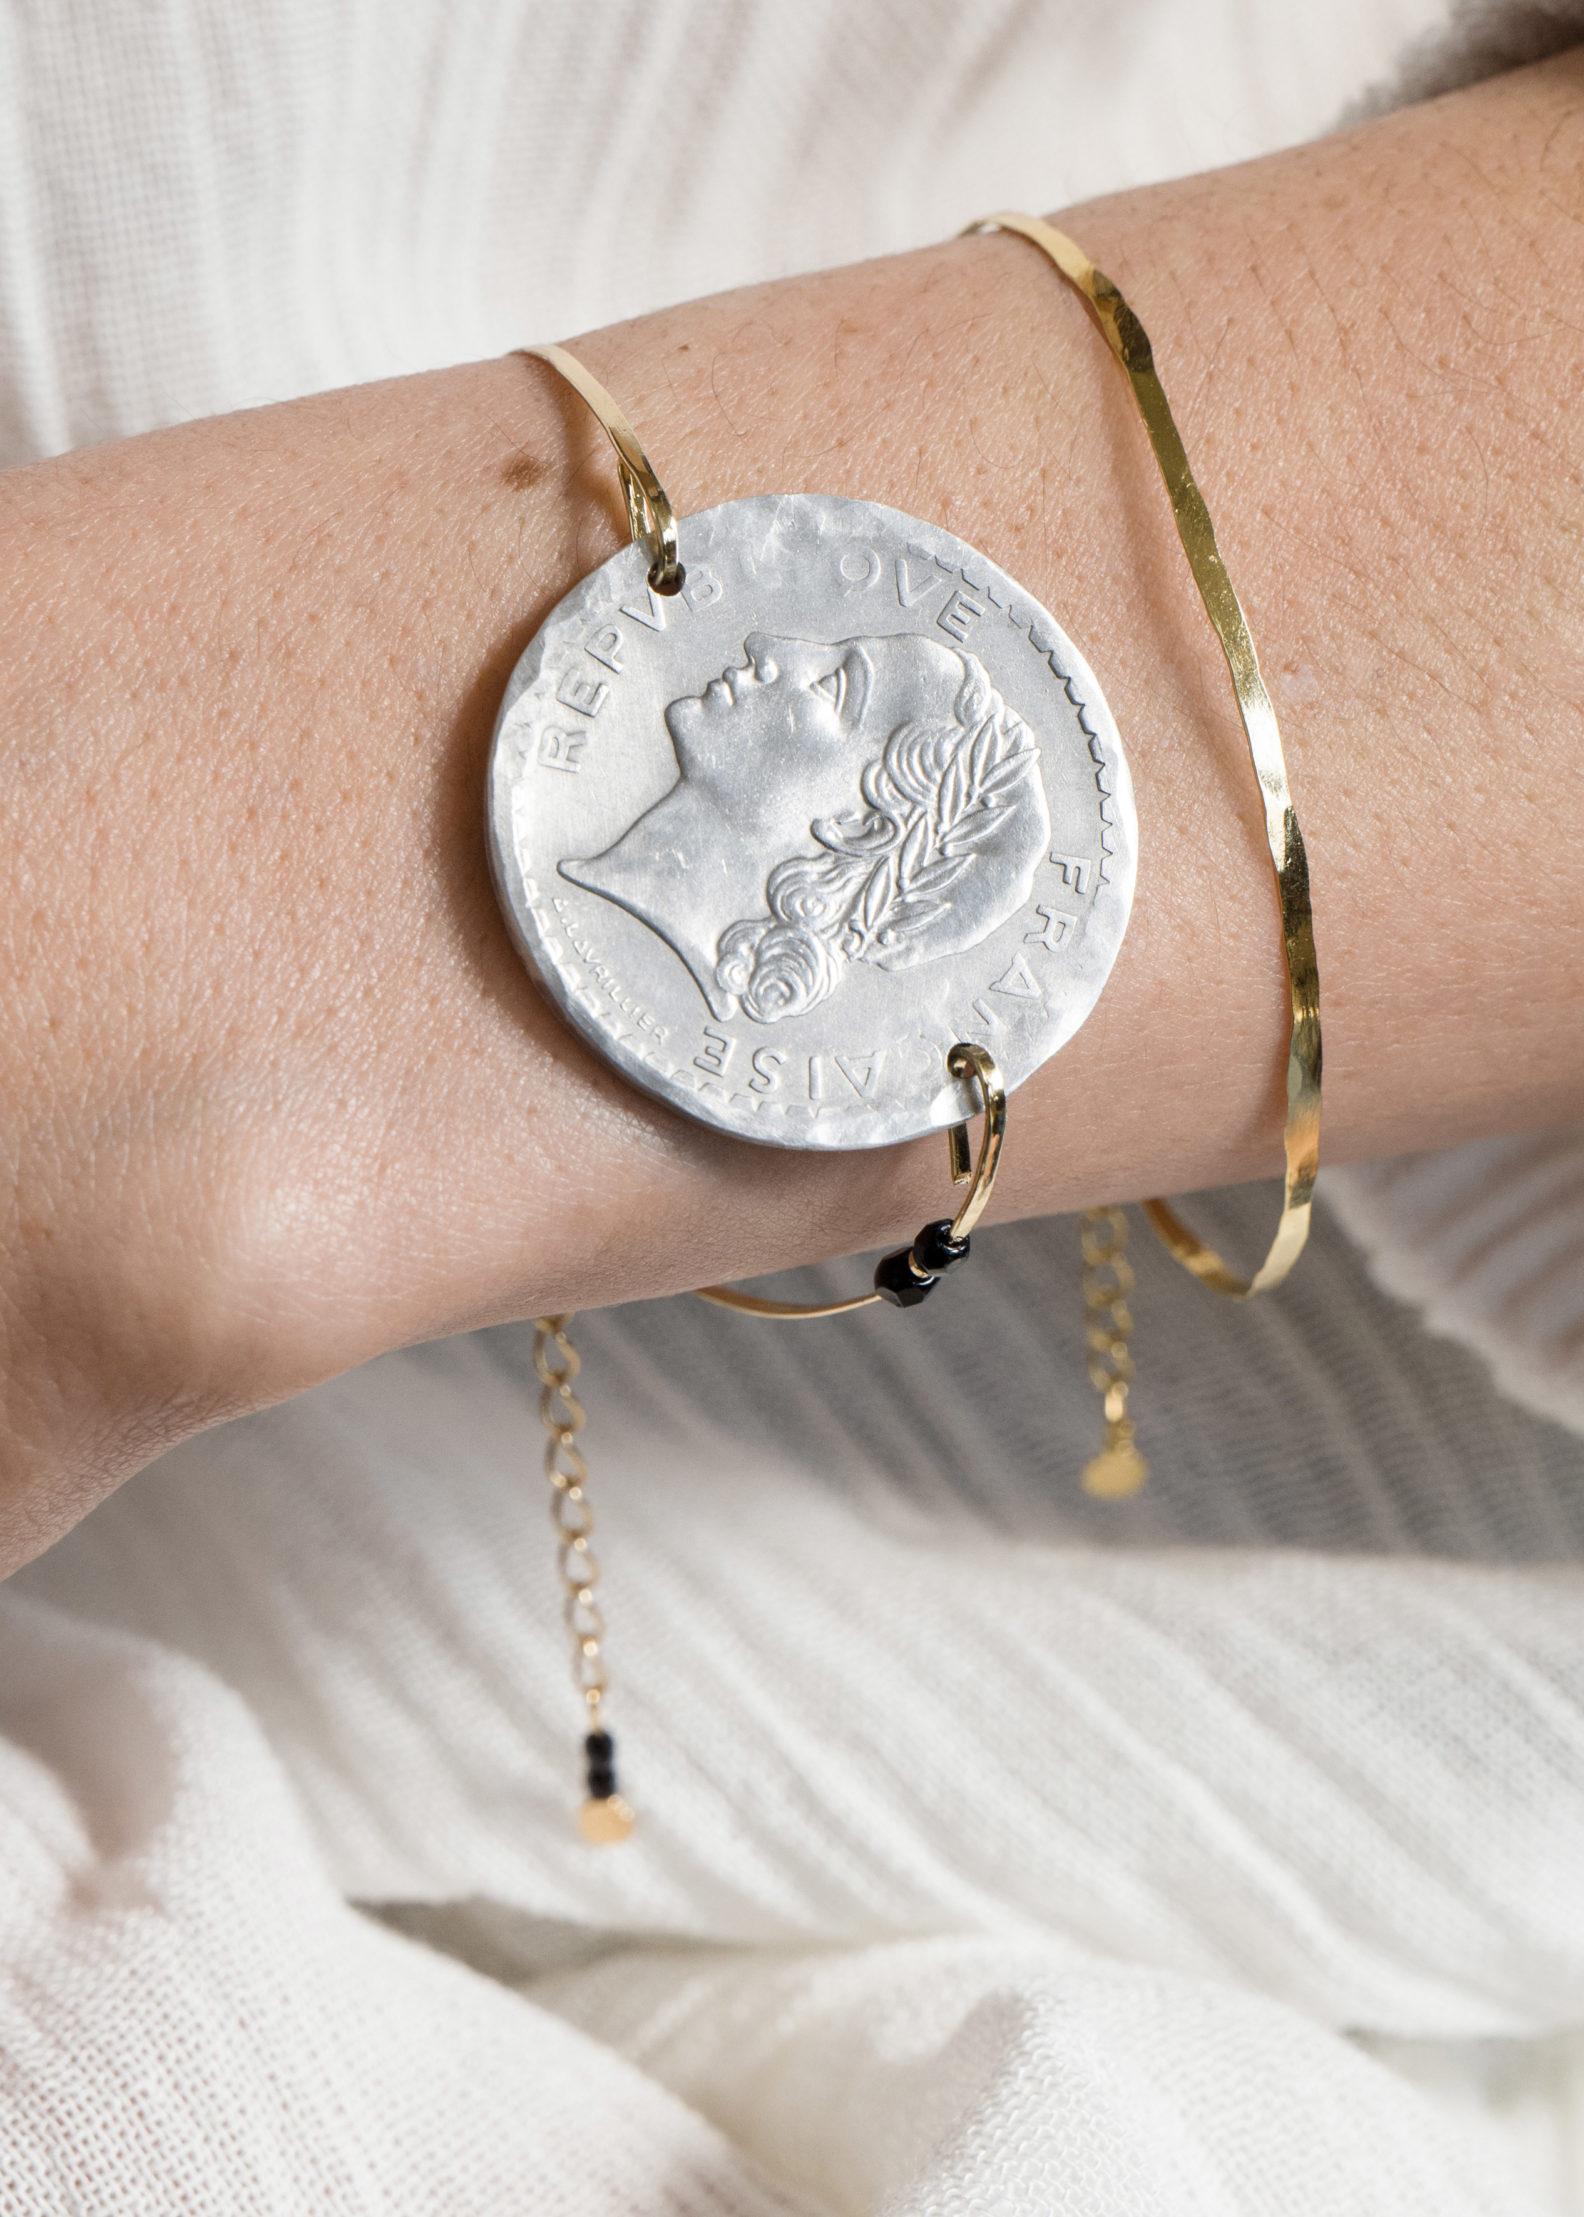 tip effigie pièce Marianne, bracelet en laiton martelé à la main, made in France, la parisienne, so chic, bijou délicat, fin, à la française